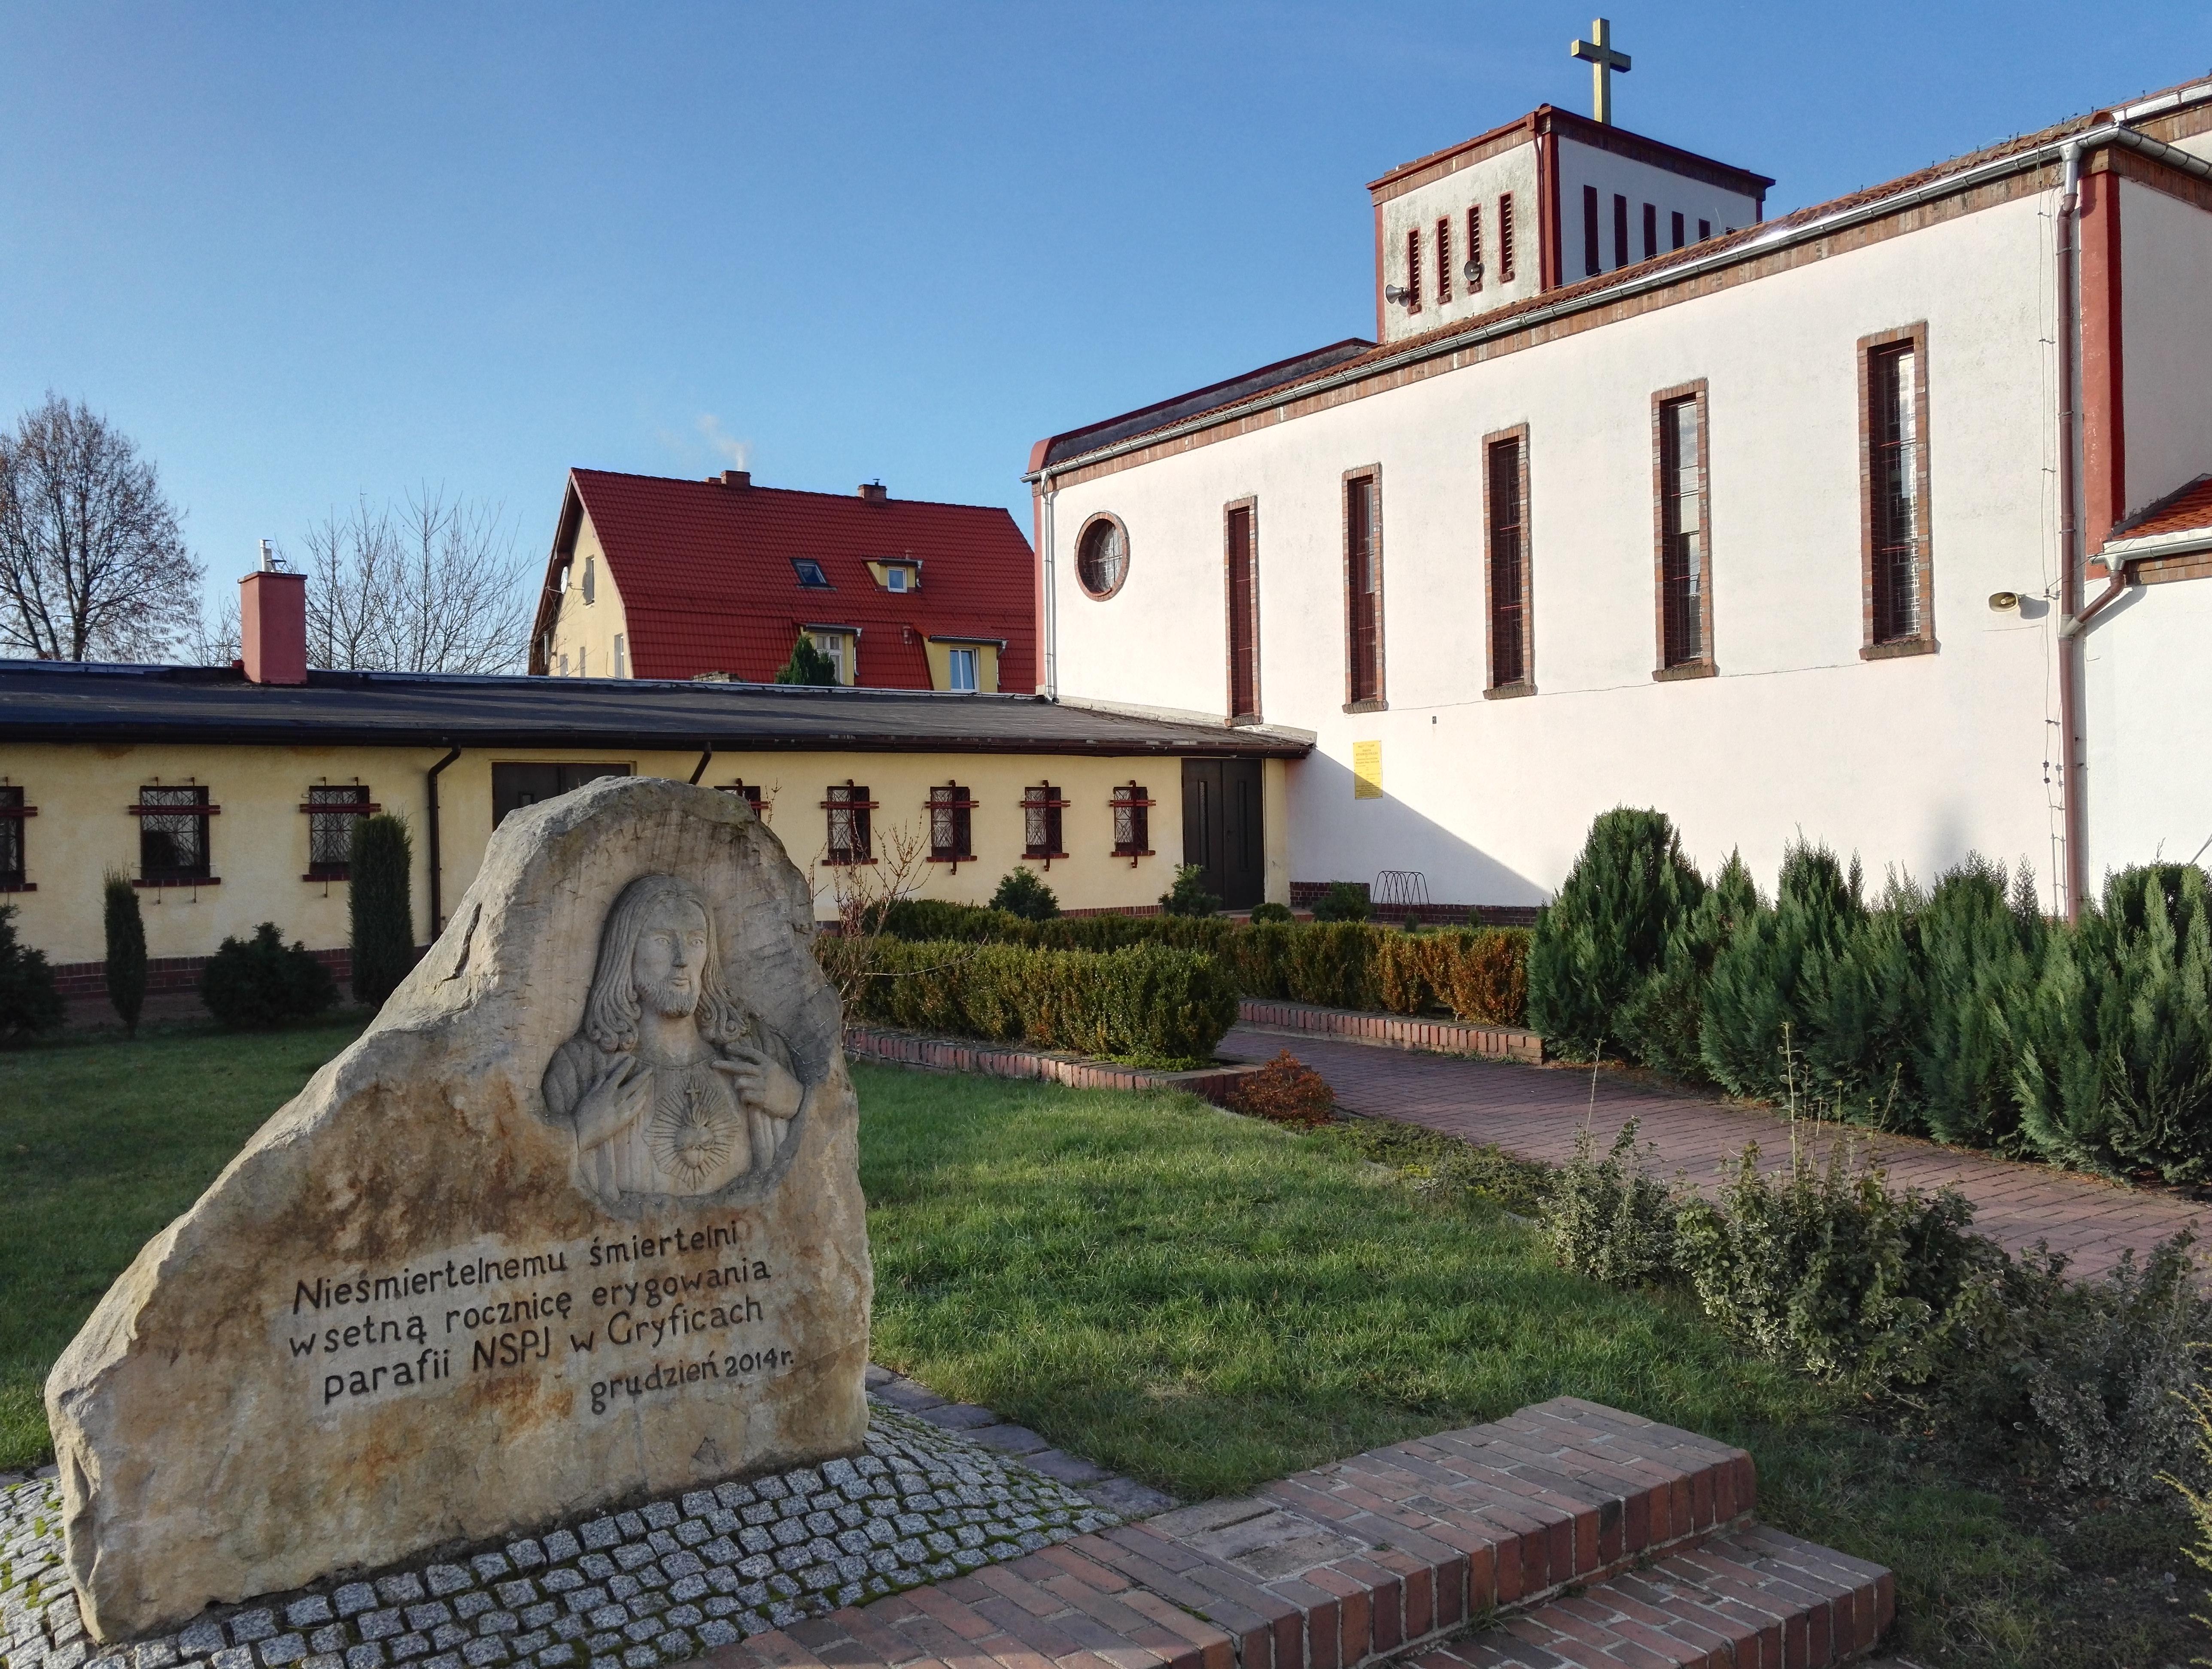 mały kościół w gryficach pod wezwaniem Najświętszego Serca Pana Jezusa (NSPJ) ul. Górska 8